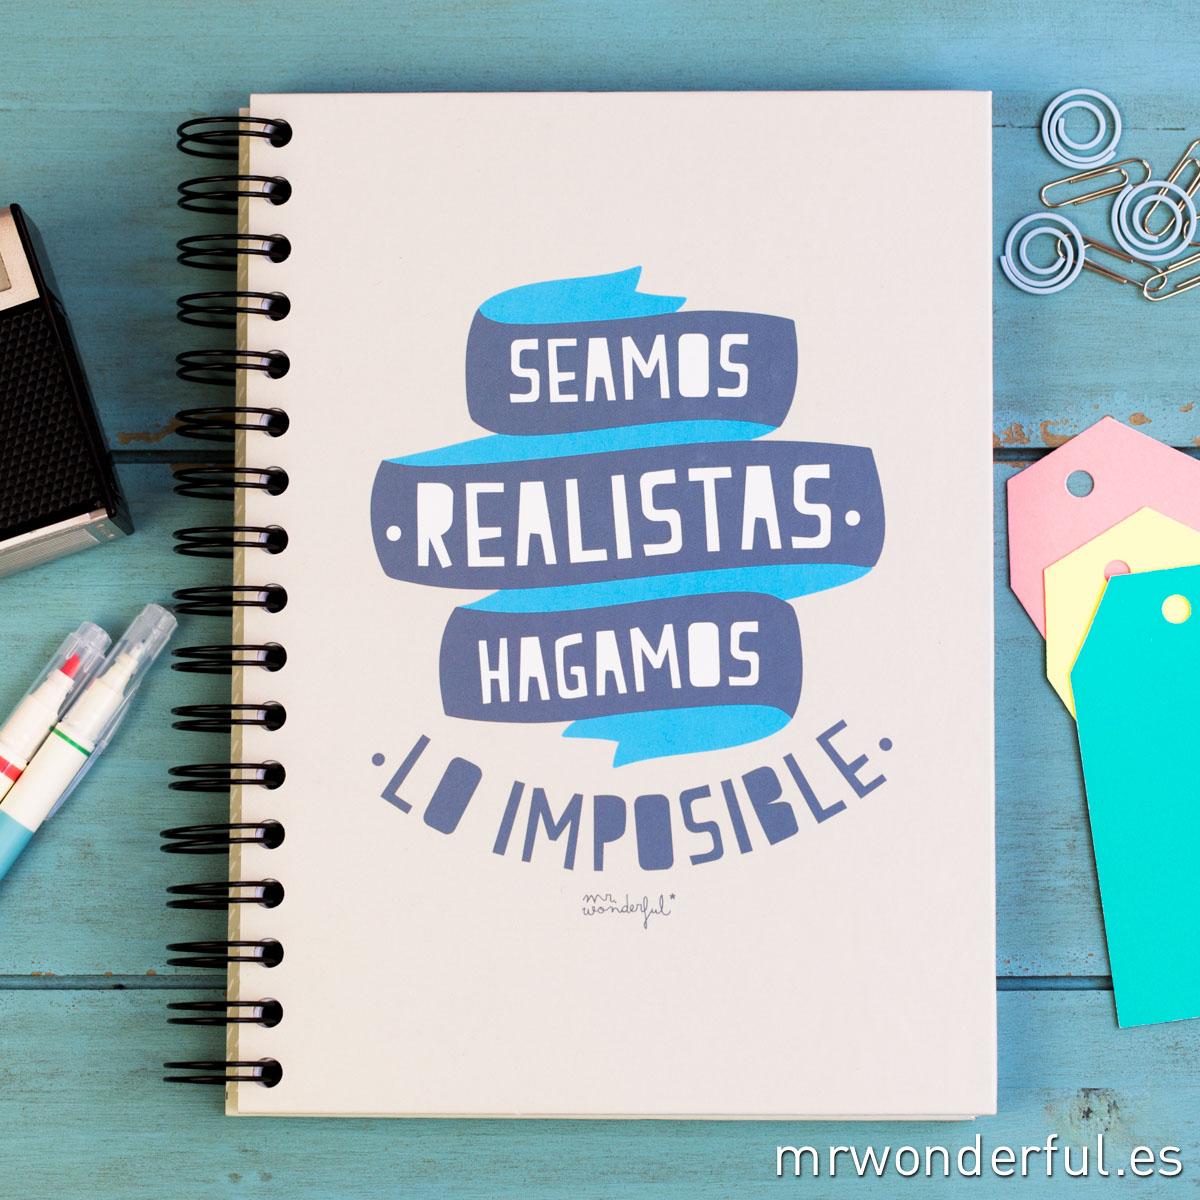 mrwonderful_libreta_seamos realistas hagamos lo imposible-16